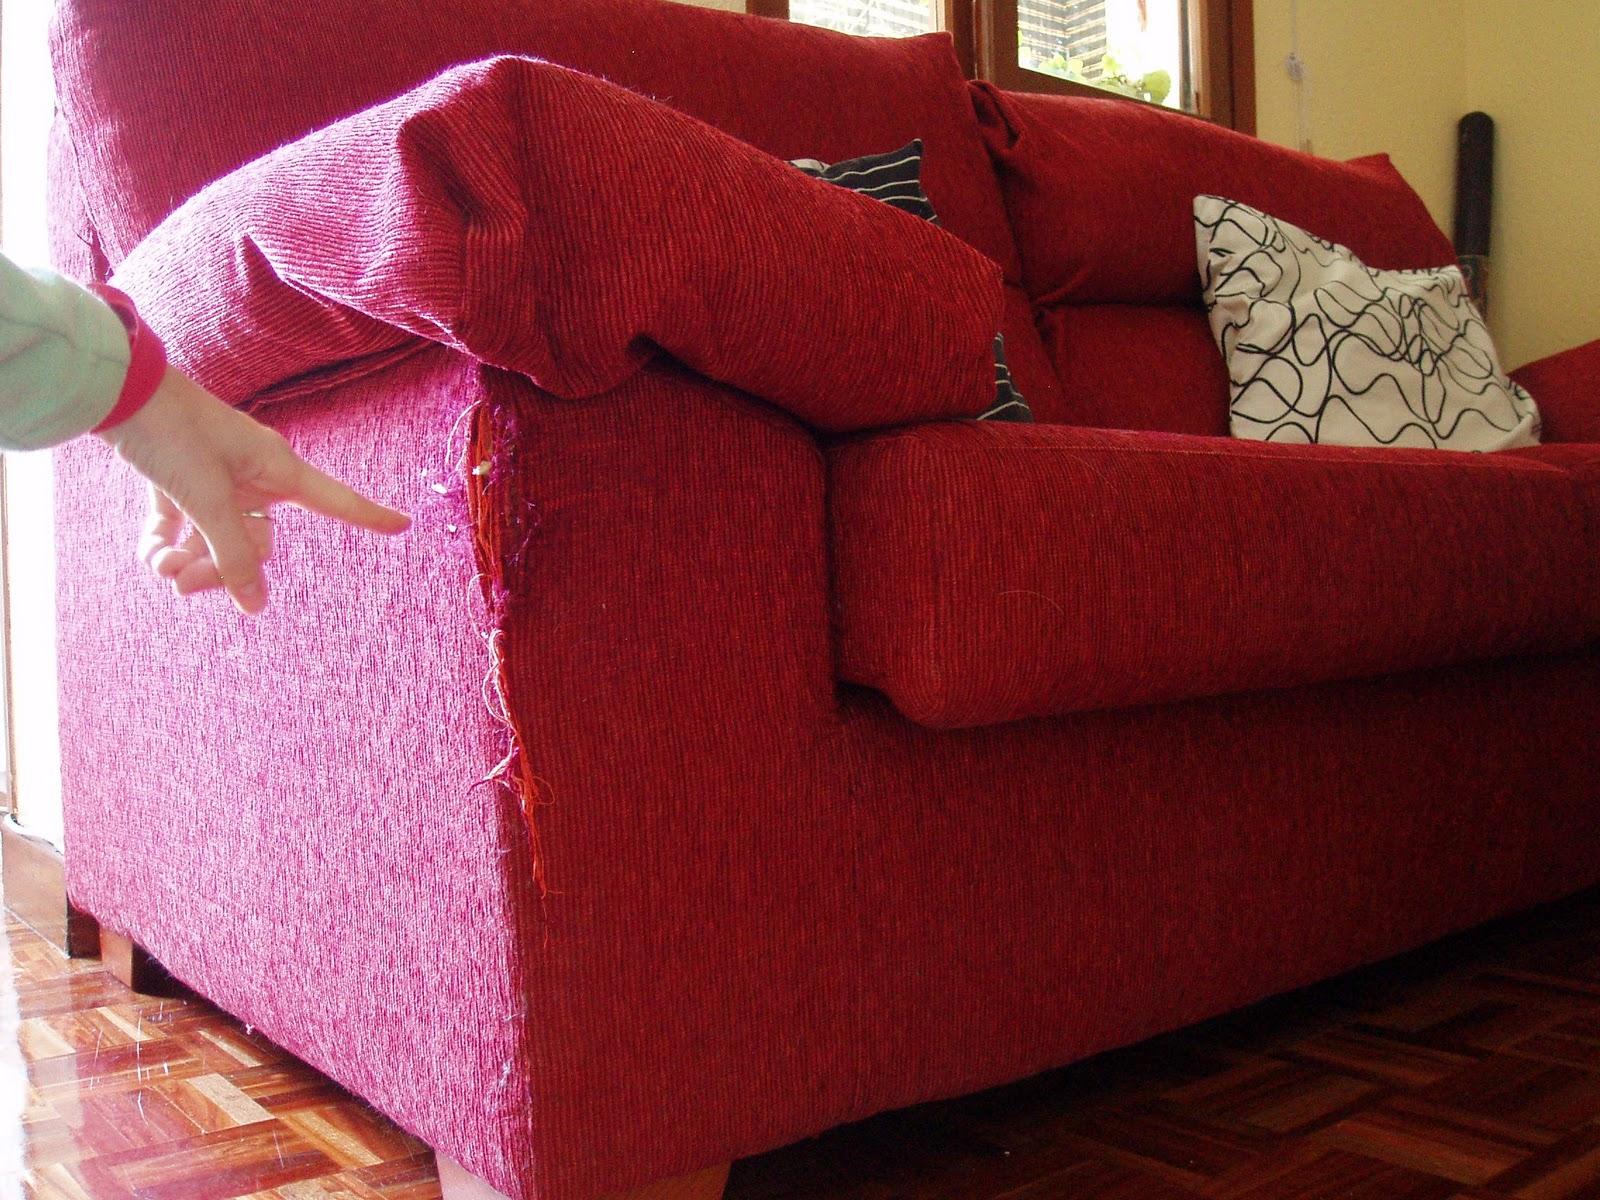 Donde caben dos mobiliario anti gato - Que cuesta tapizar un sofa ...